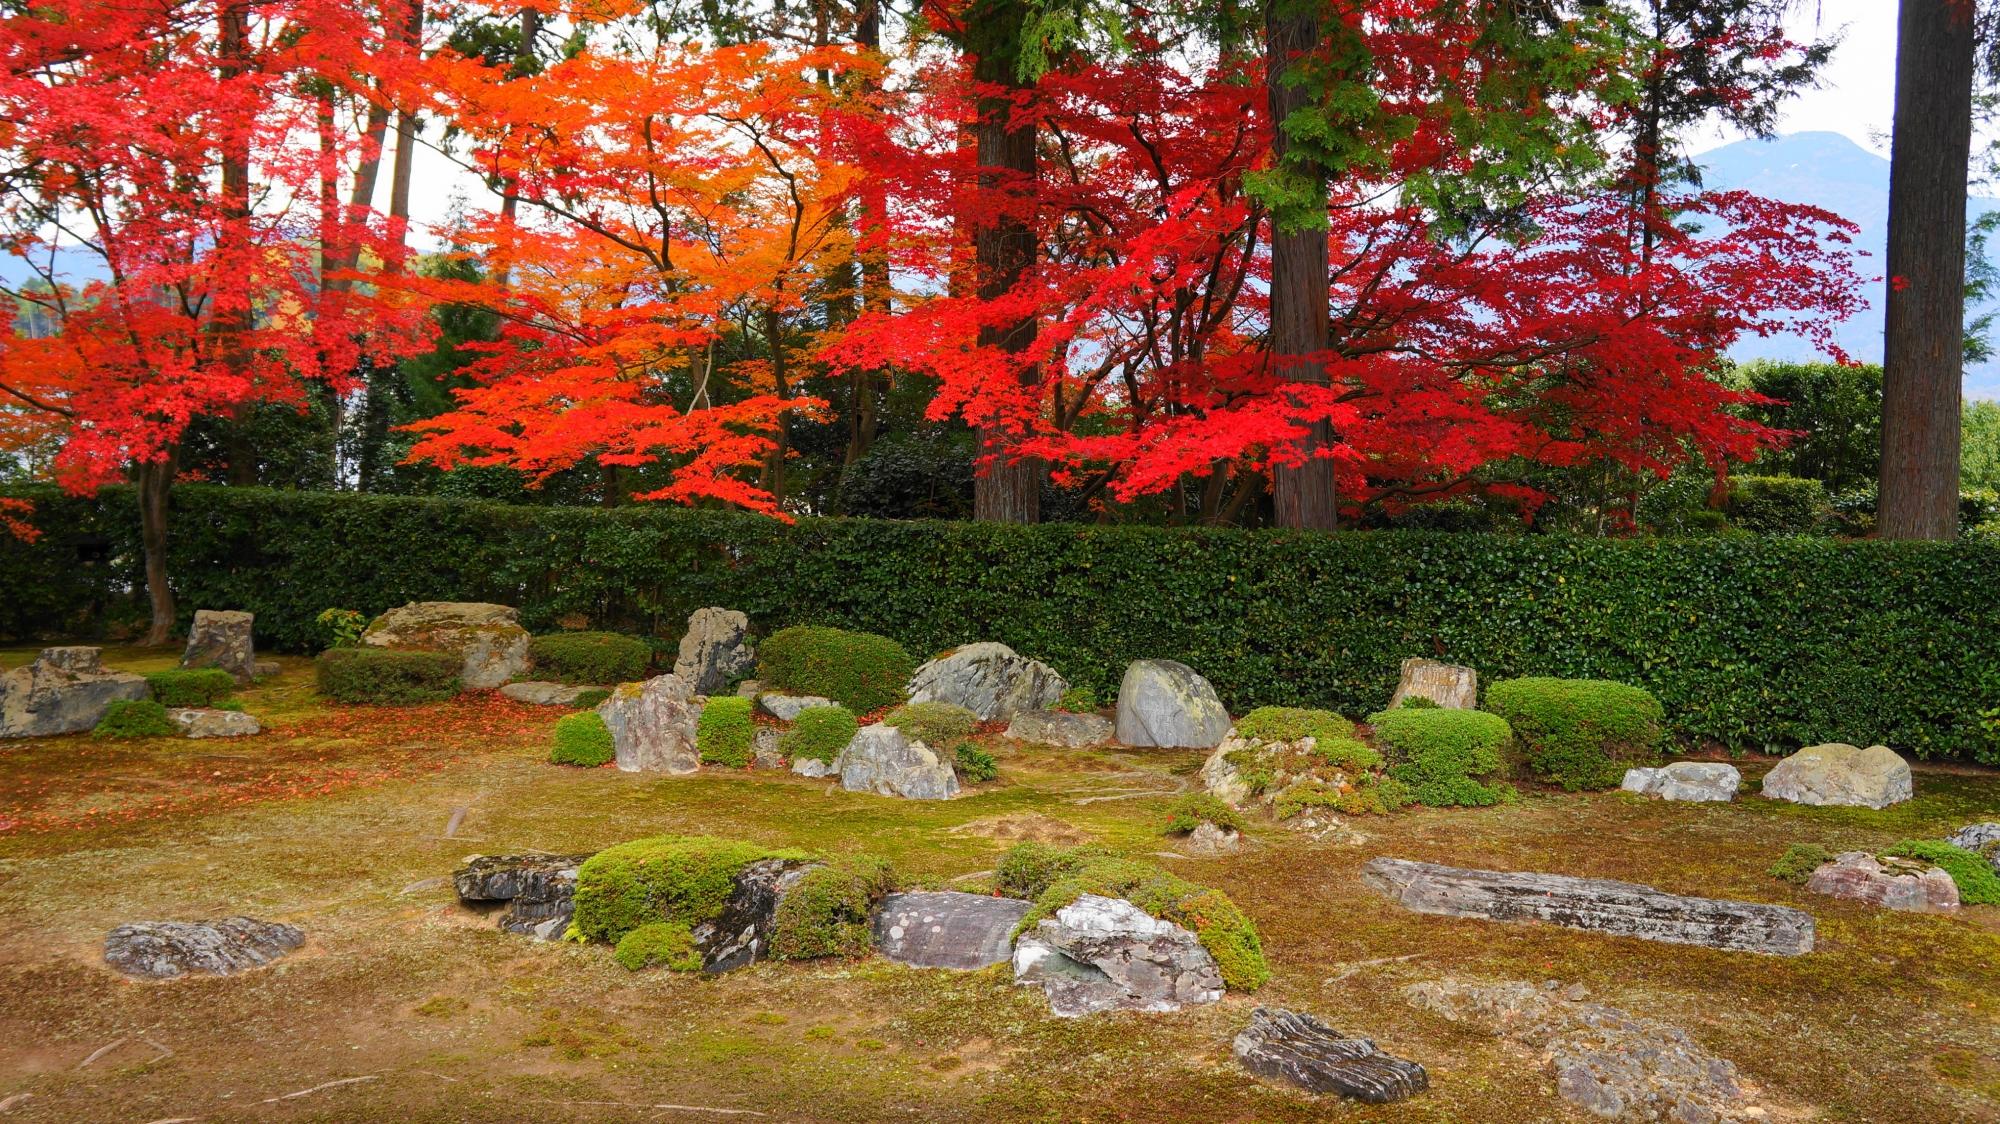 円通寺の苔の上に刈り込みや岩を配した枯山水庭園